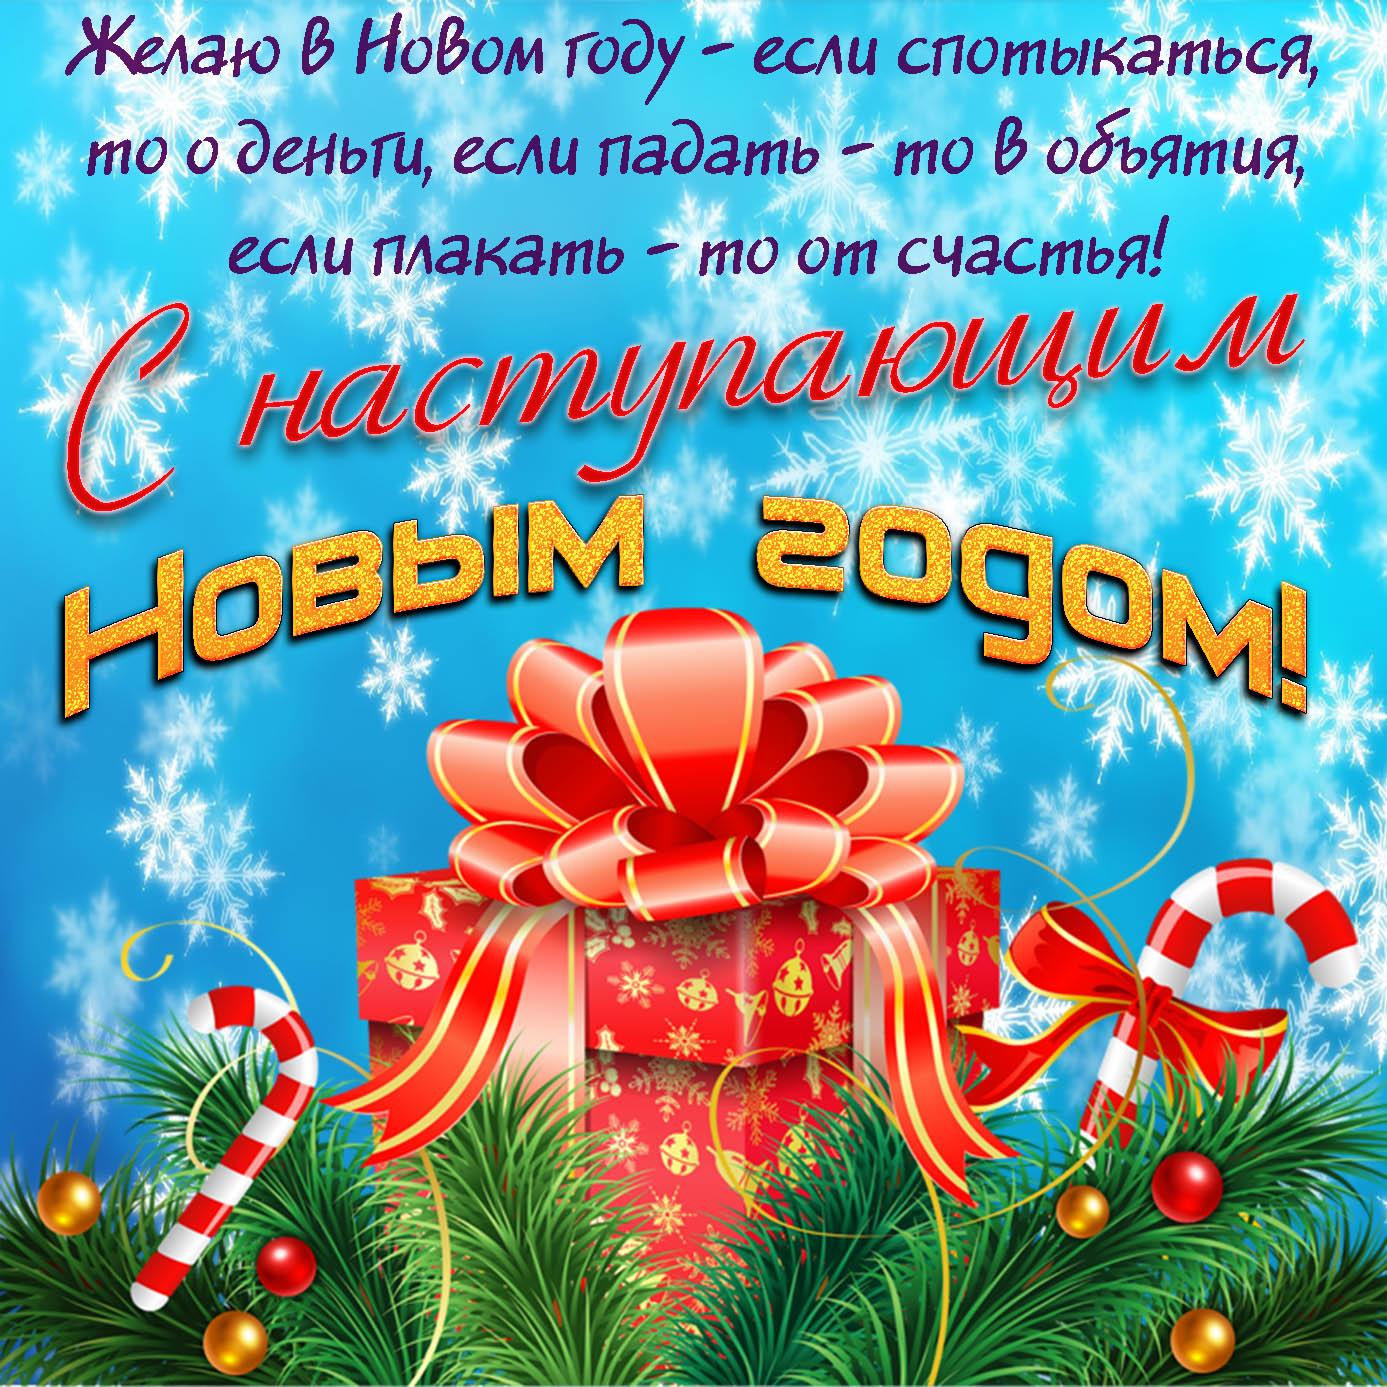 Открытка с подарком и пожеланием на Новый год